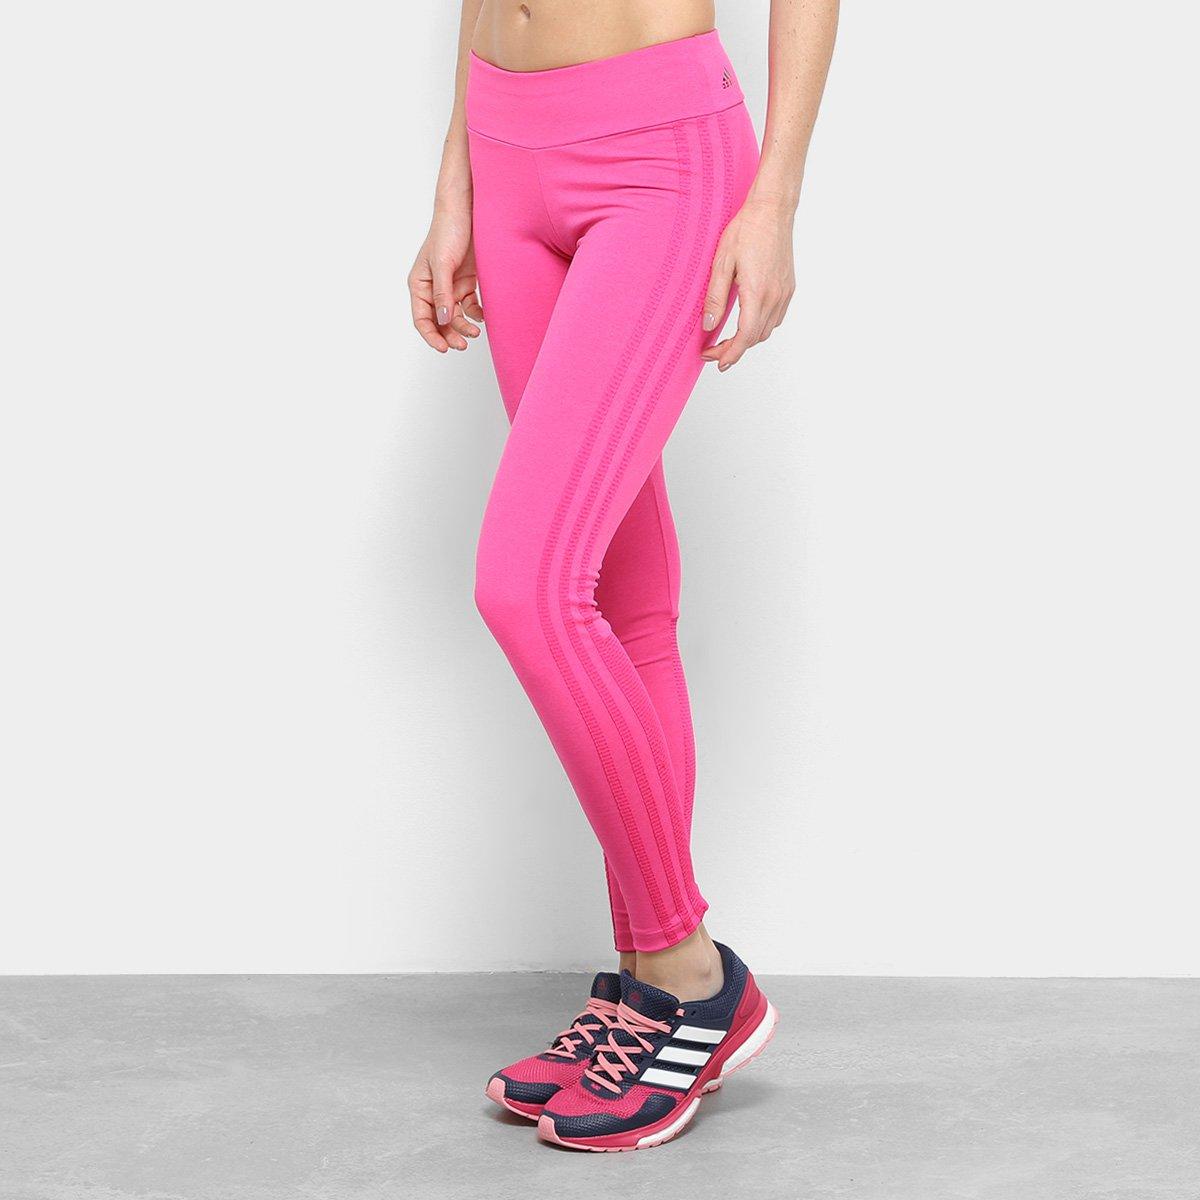 4a69a6f8a Calça Legging Adidas 3Stripes Mobility Feminina - Compre Agora